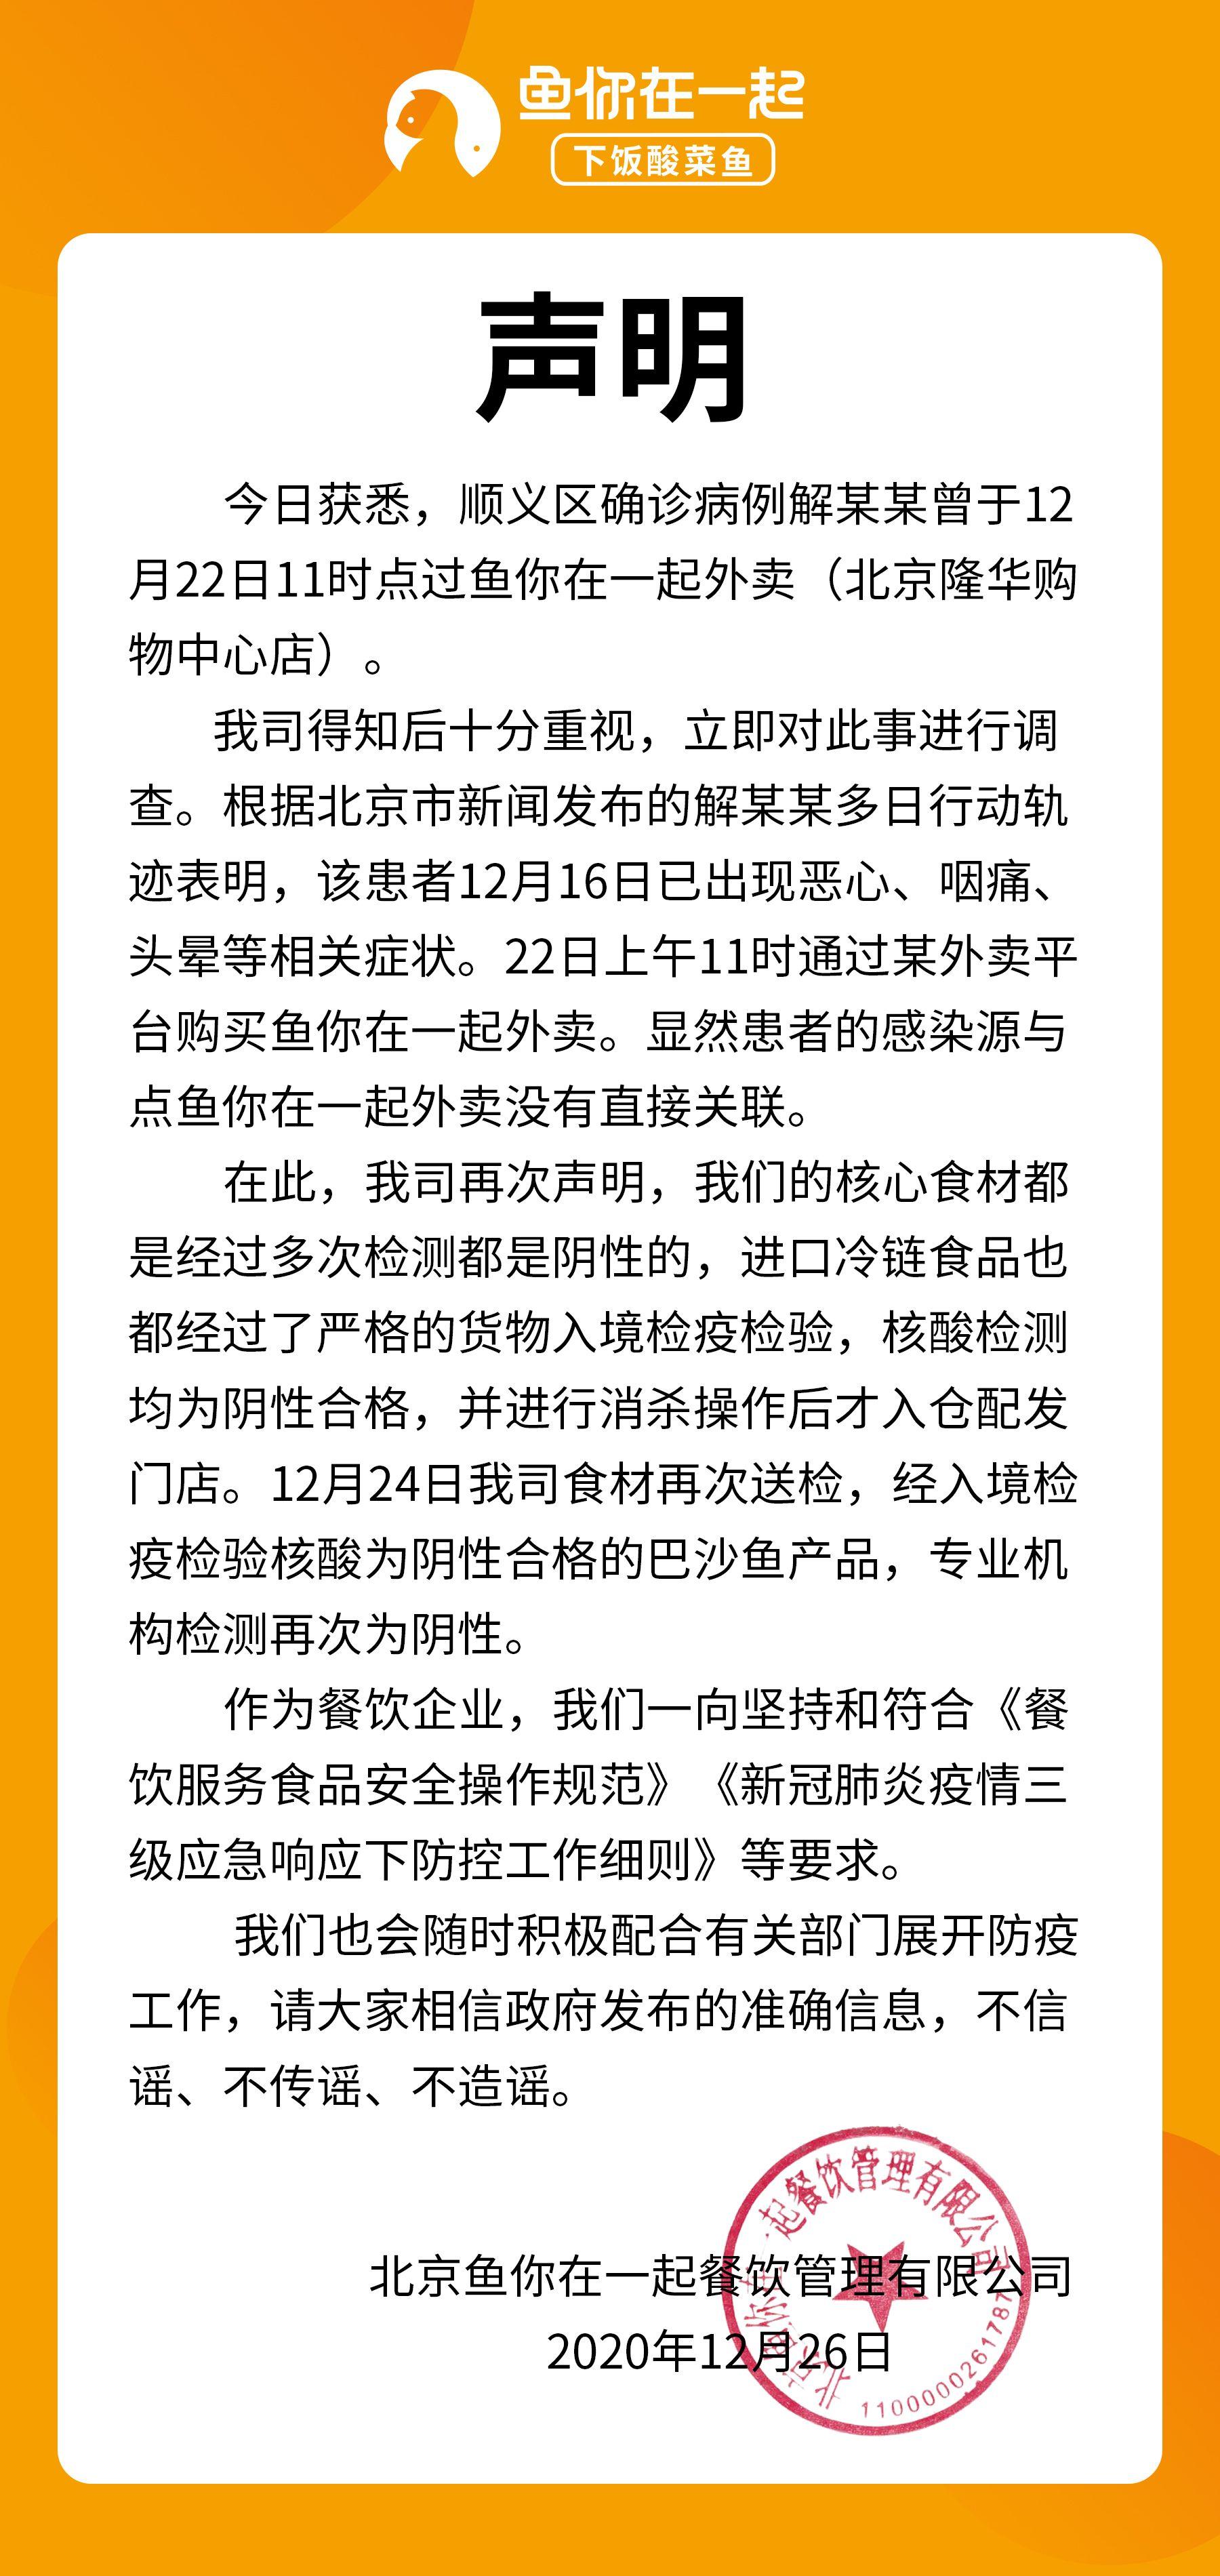 """""""鱼你在一起""""称北京顺义新增病例感染源与其外卖无直接关联图片"""